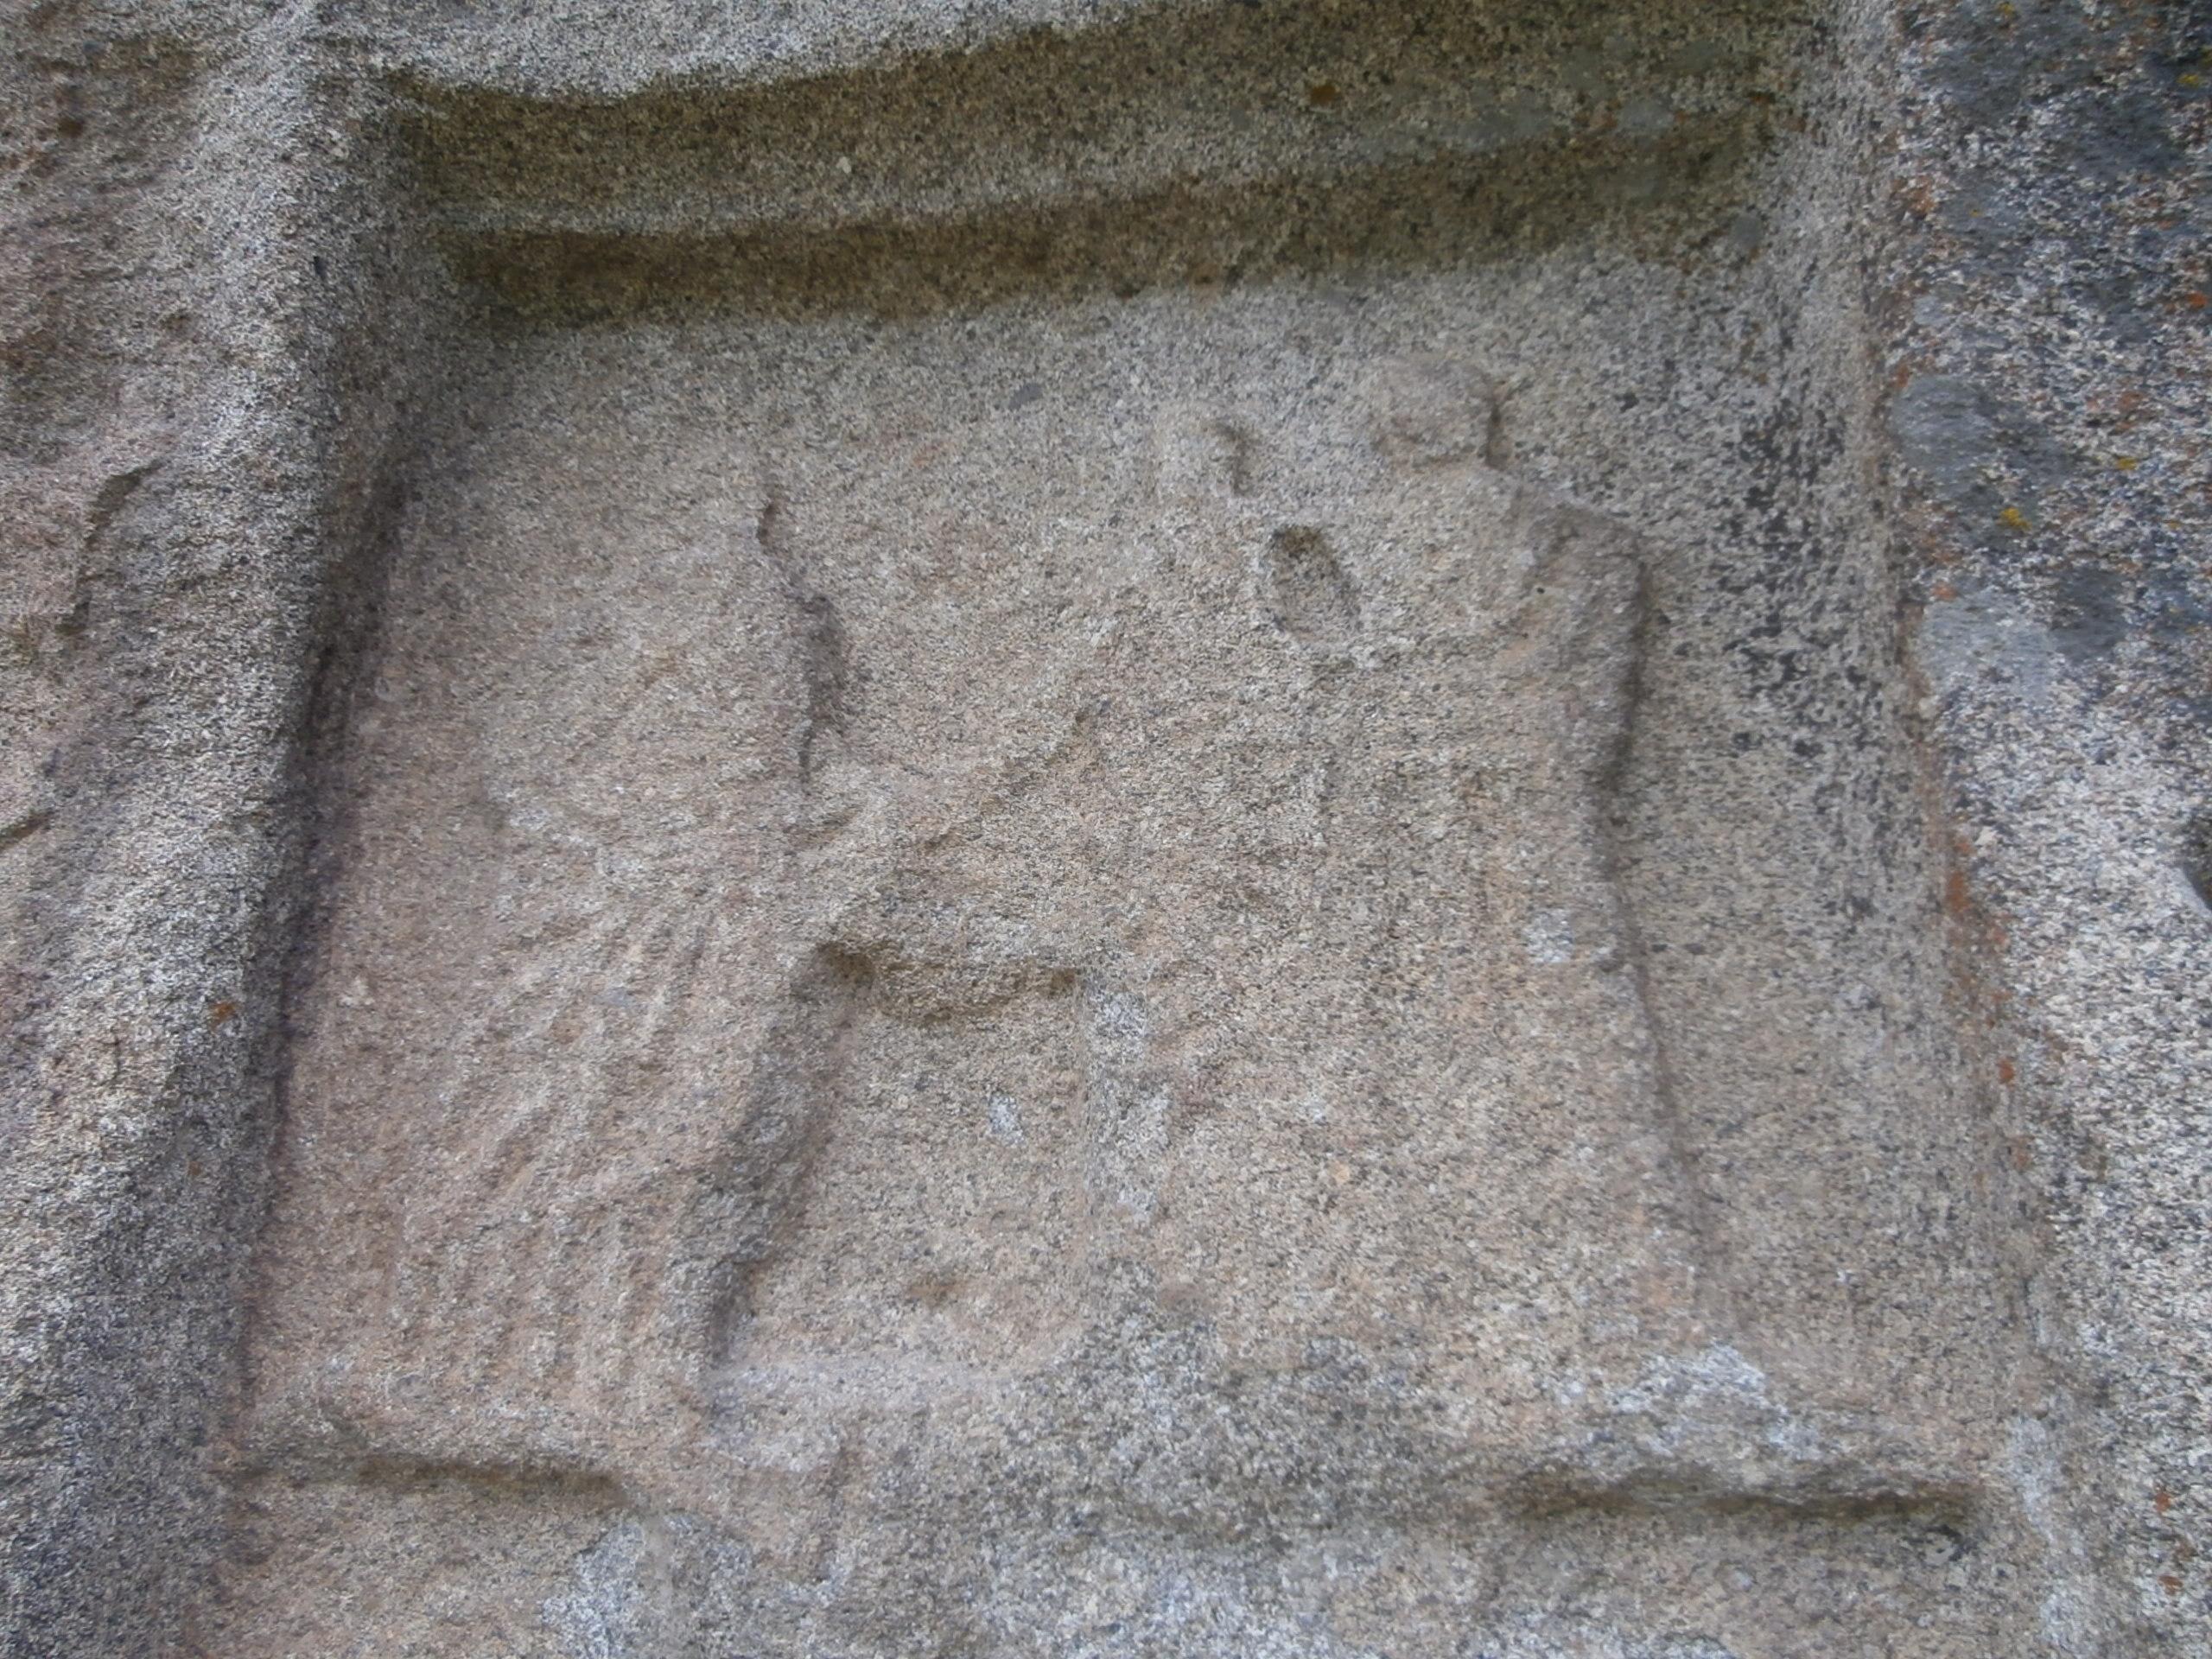 piedra escrita cenicientos